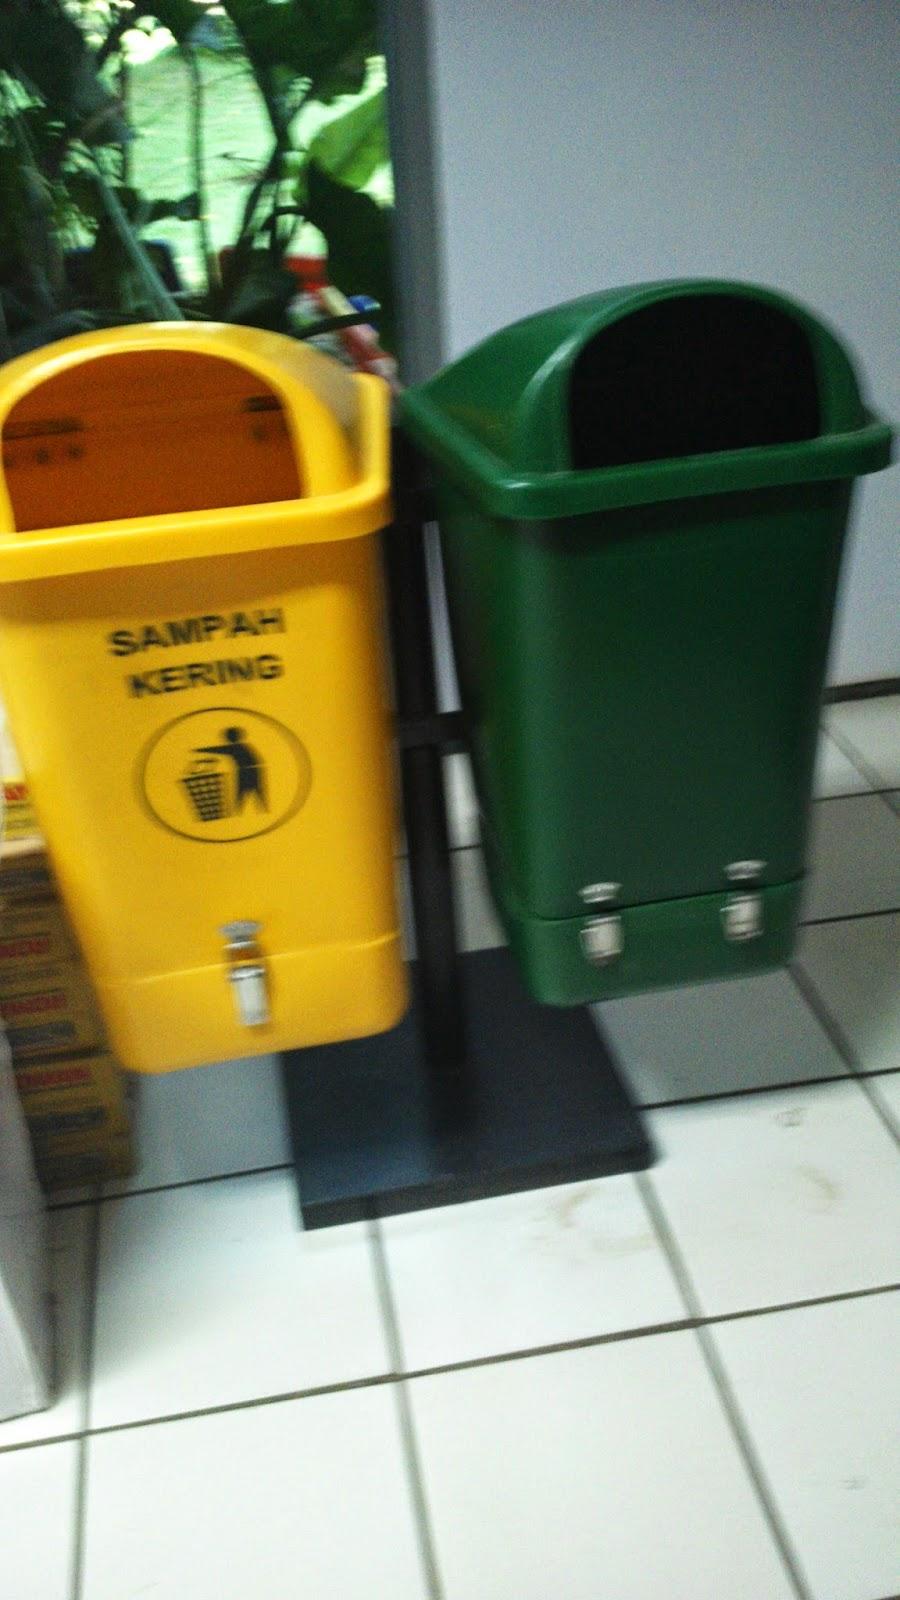 tempat sampah bahan HDPE